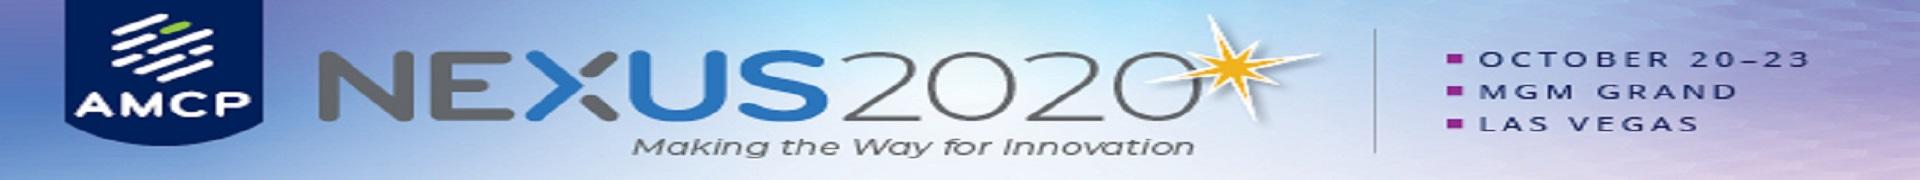 Nexus 2020 Event Banner